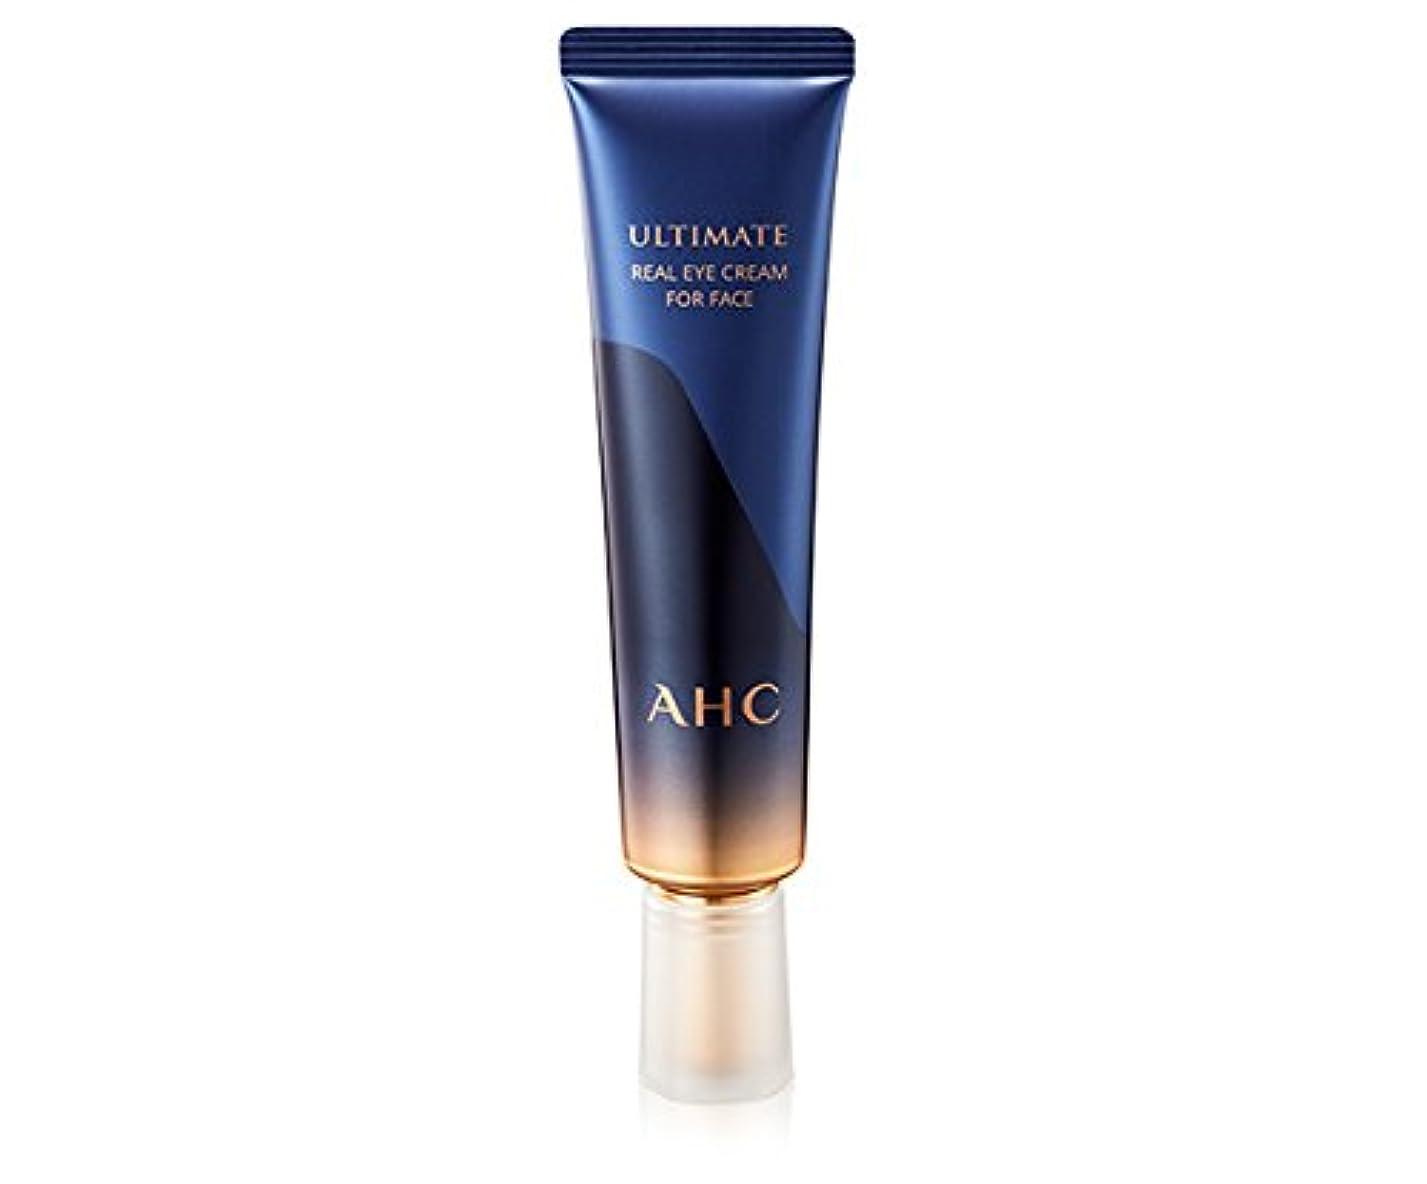 チロ乳合意[New] AHC Ultimate Real Eye Cream for Face 30ml/AHC アルティメット リアル アイクリーム フォー フェイス 30ml [並行輸入品]